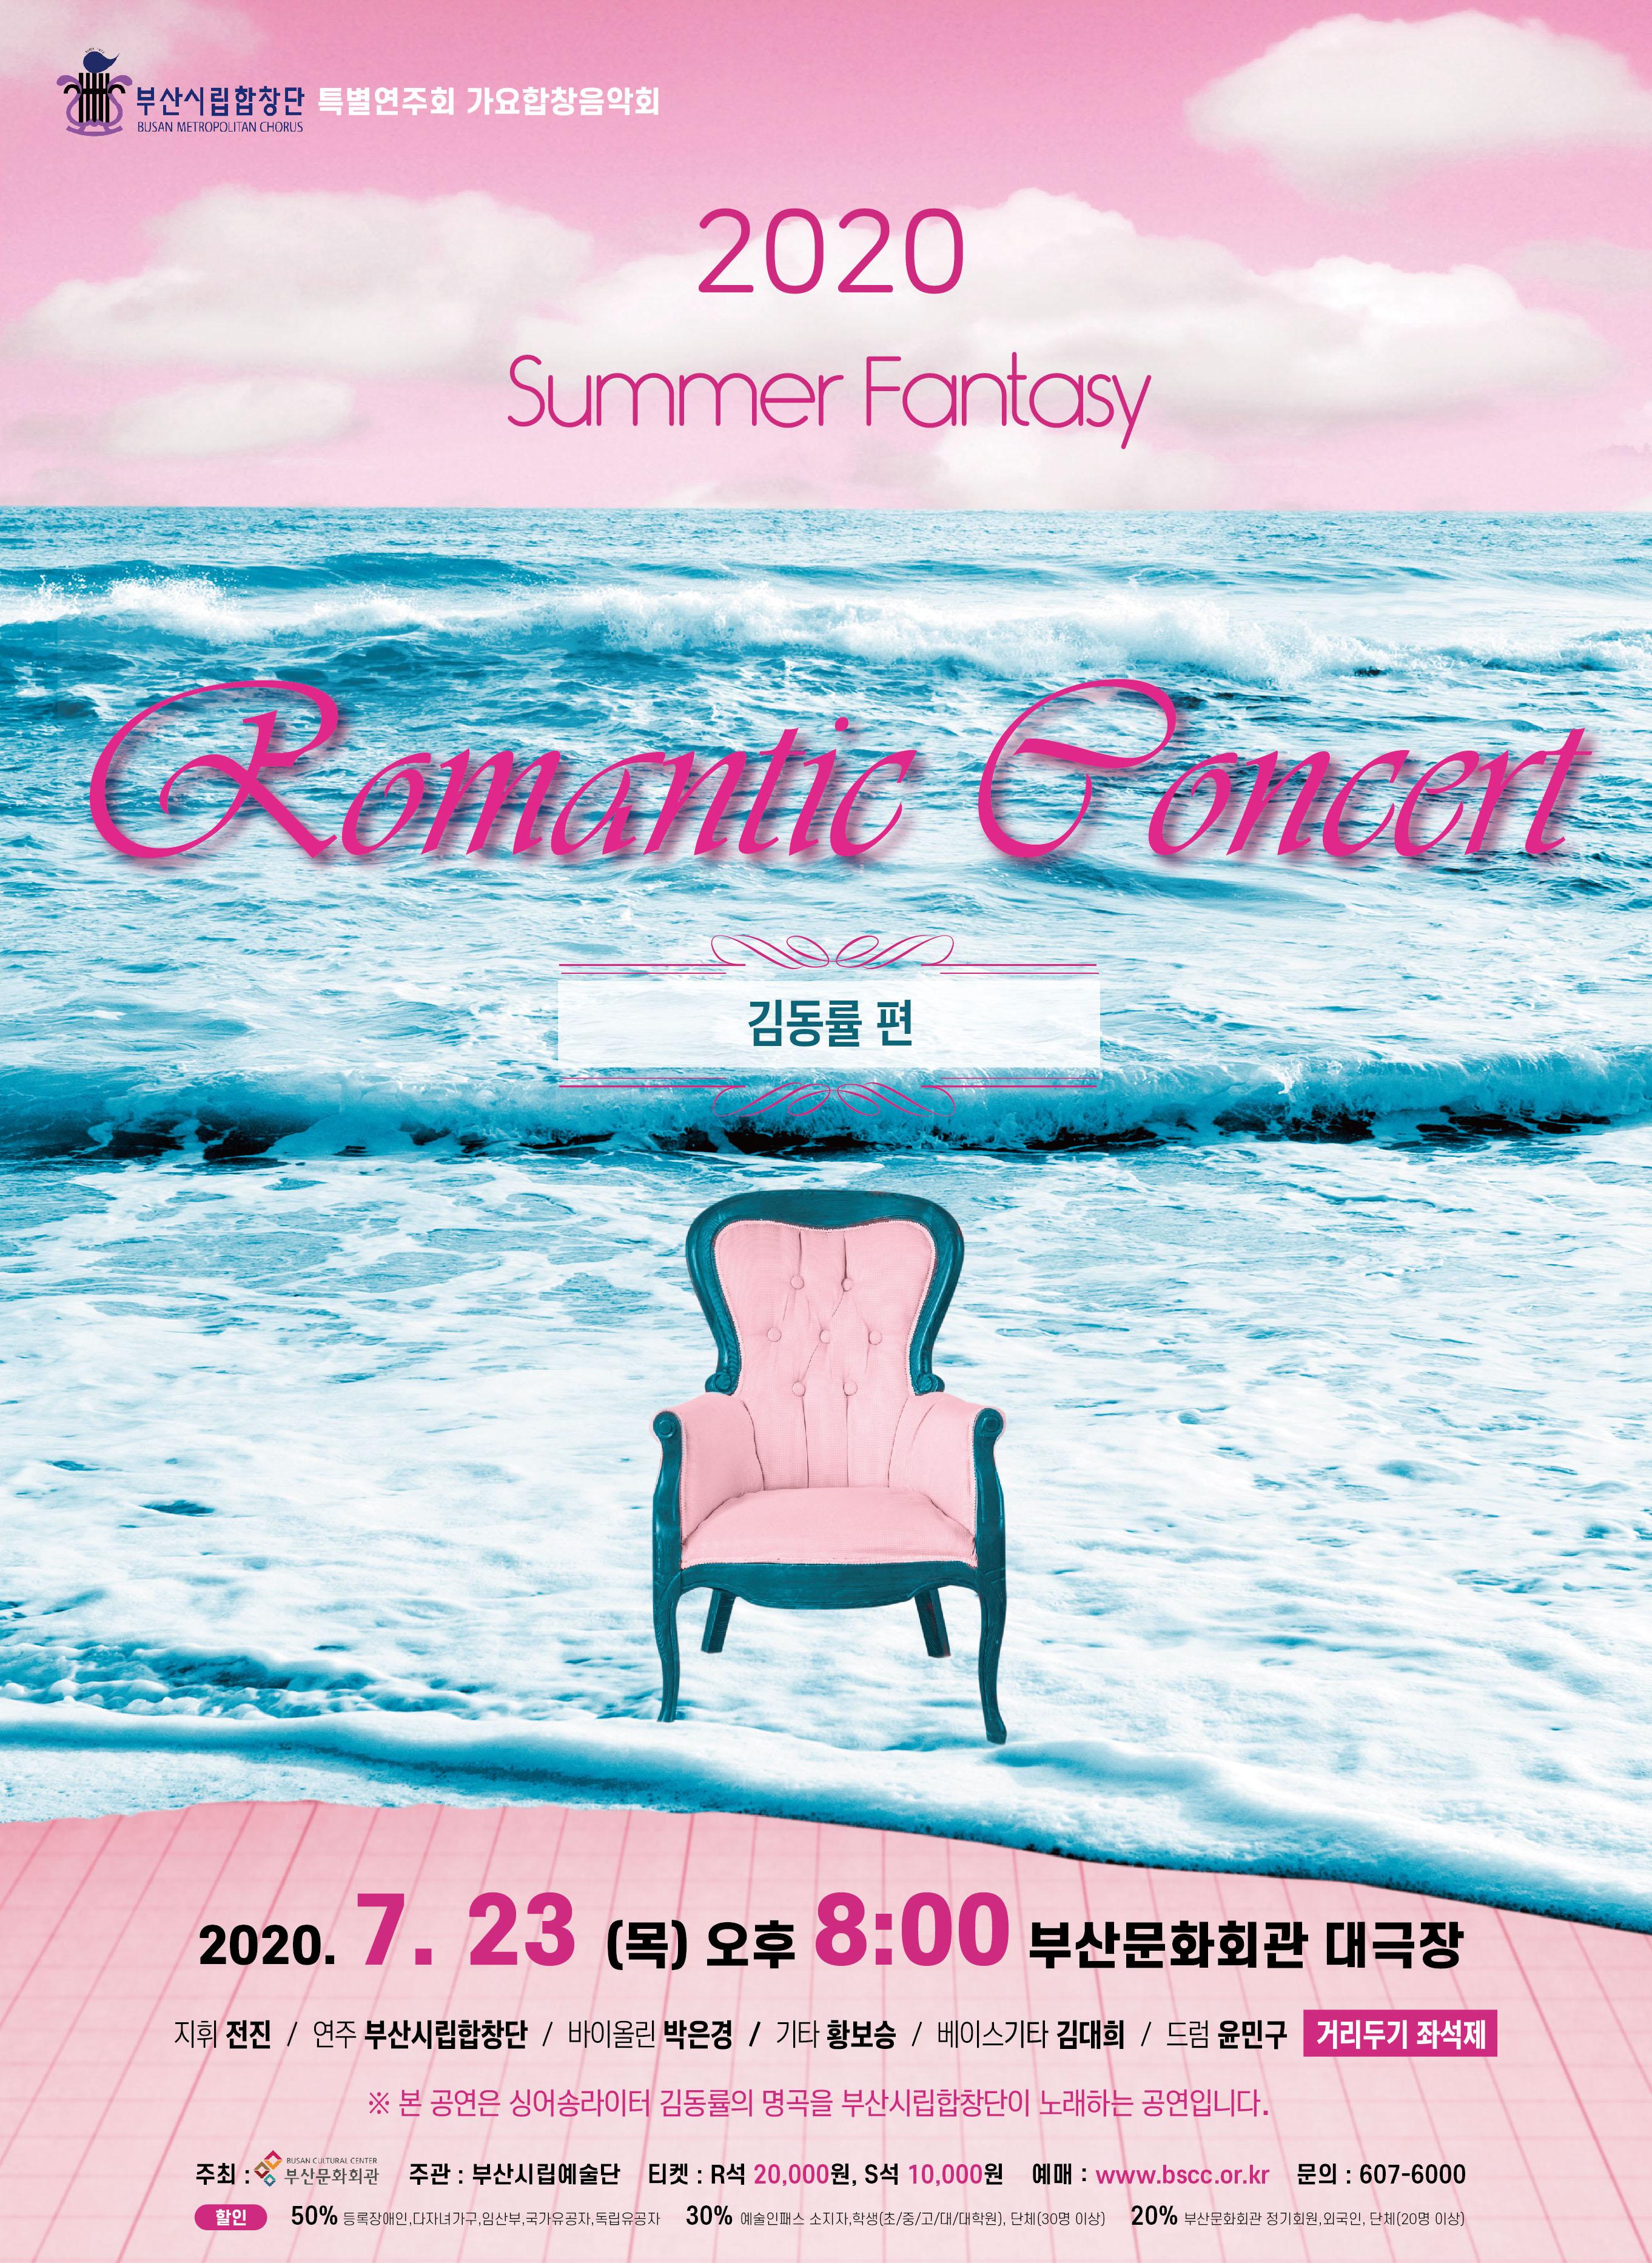 부산시립합창단 2020 Summer Fantasy -김동률 편-